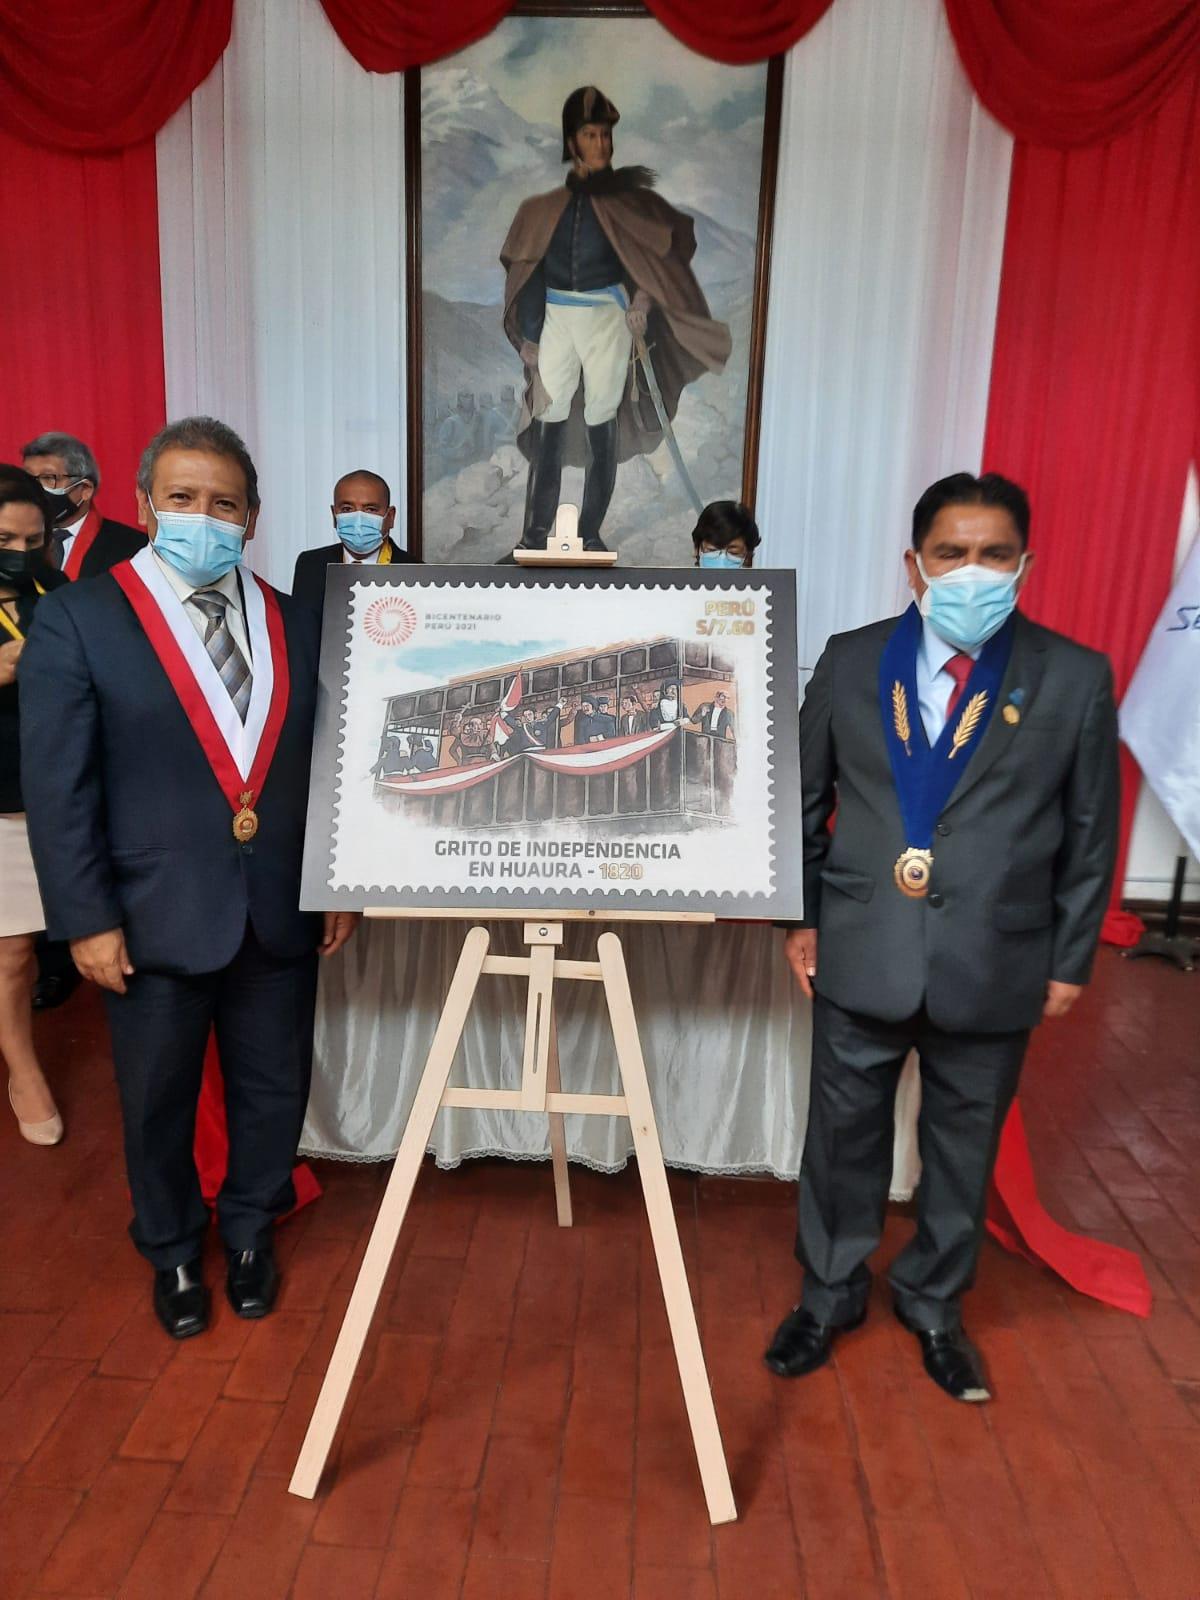 Decano Regional de Lima Provincias participó de acto de conmemoración por Bicentenario de la República